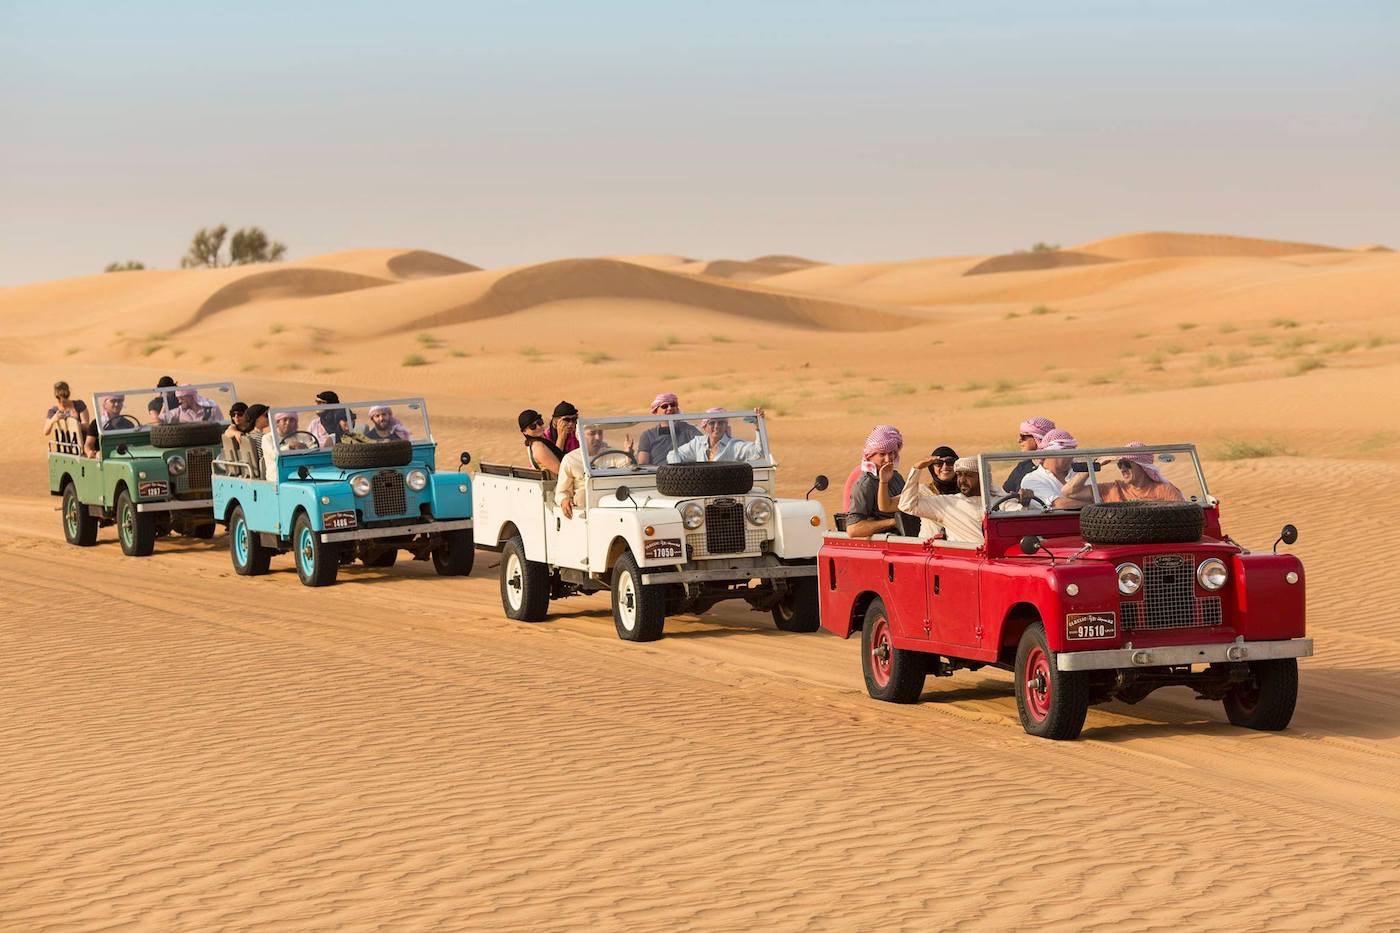 Disfrute de un exclusivo viaje en globo aerostático sobre el desierto de Dubái